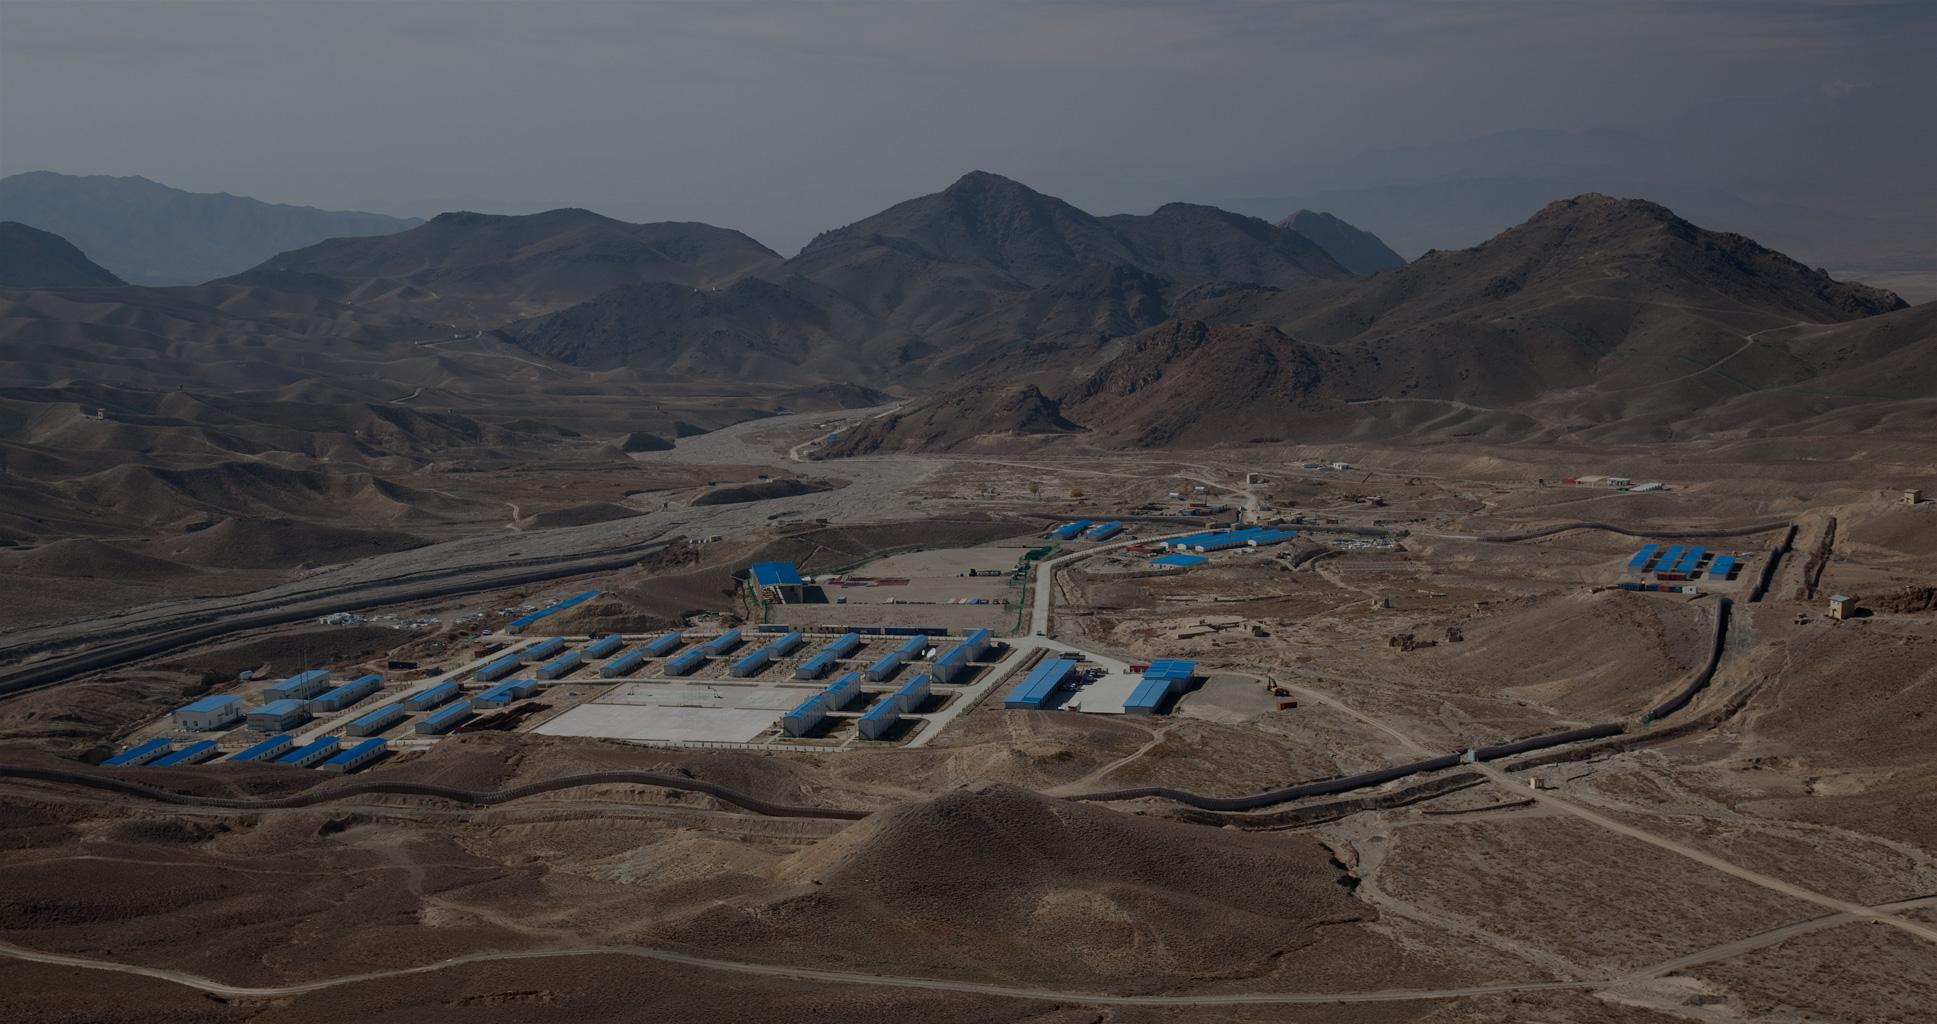 Qui profite des ressources naturelles de l'Afghanistan ?